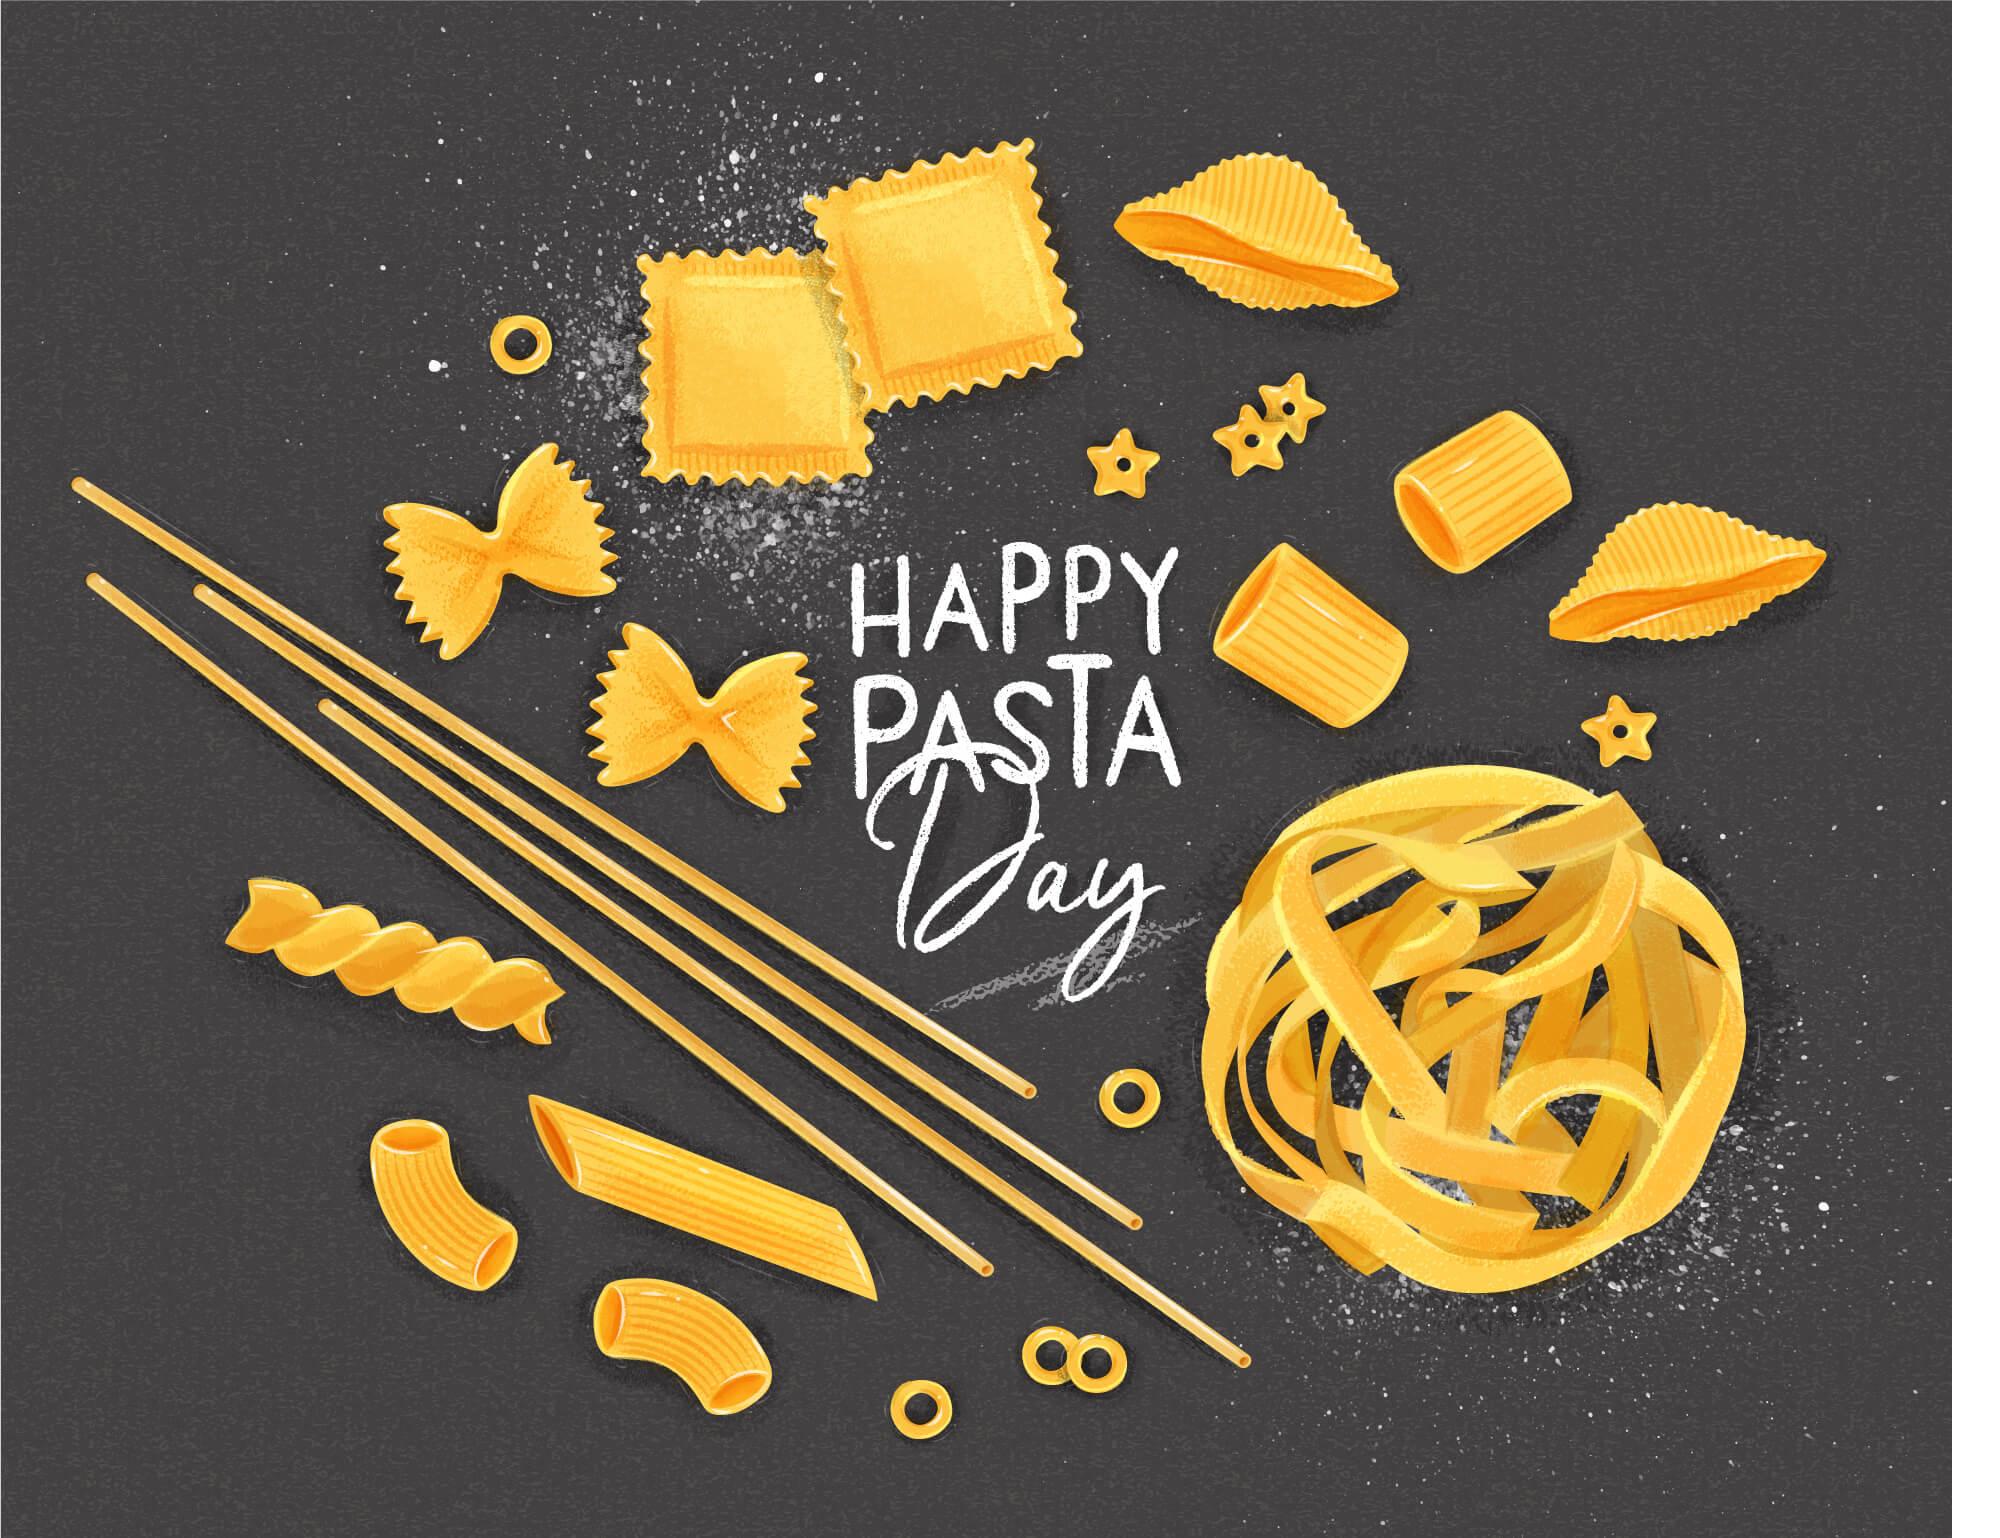 Heppy-Pasta-Day